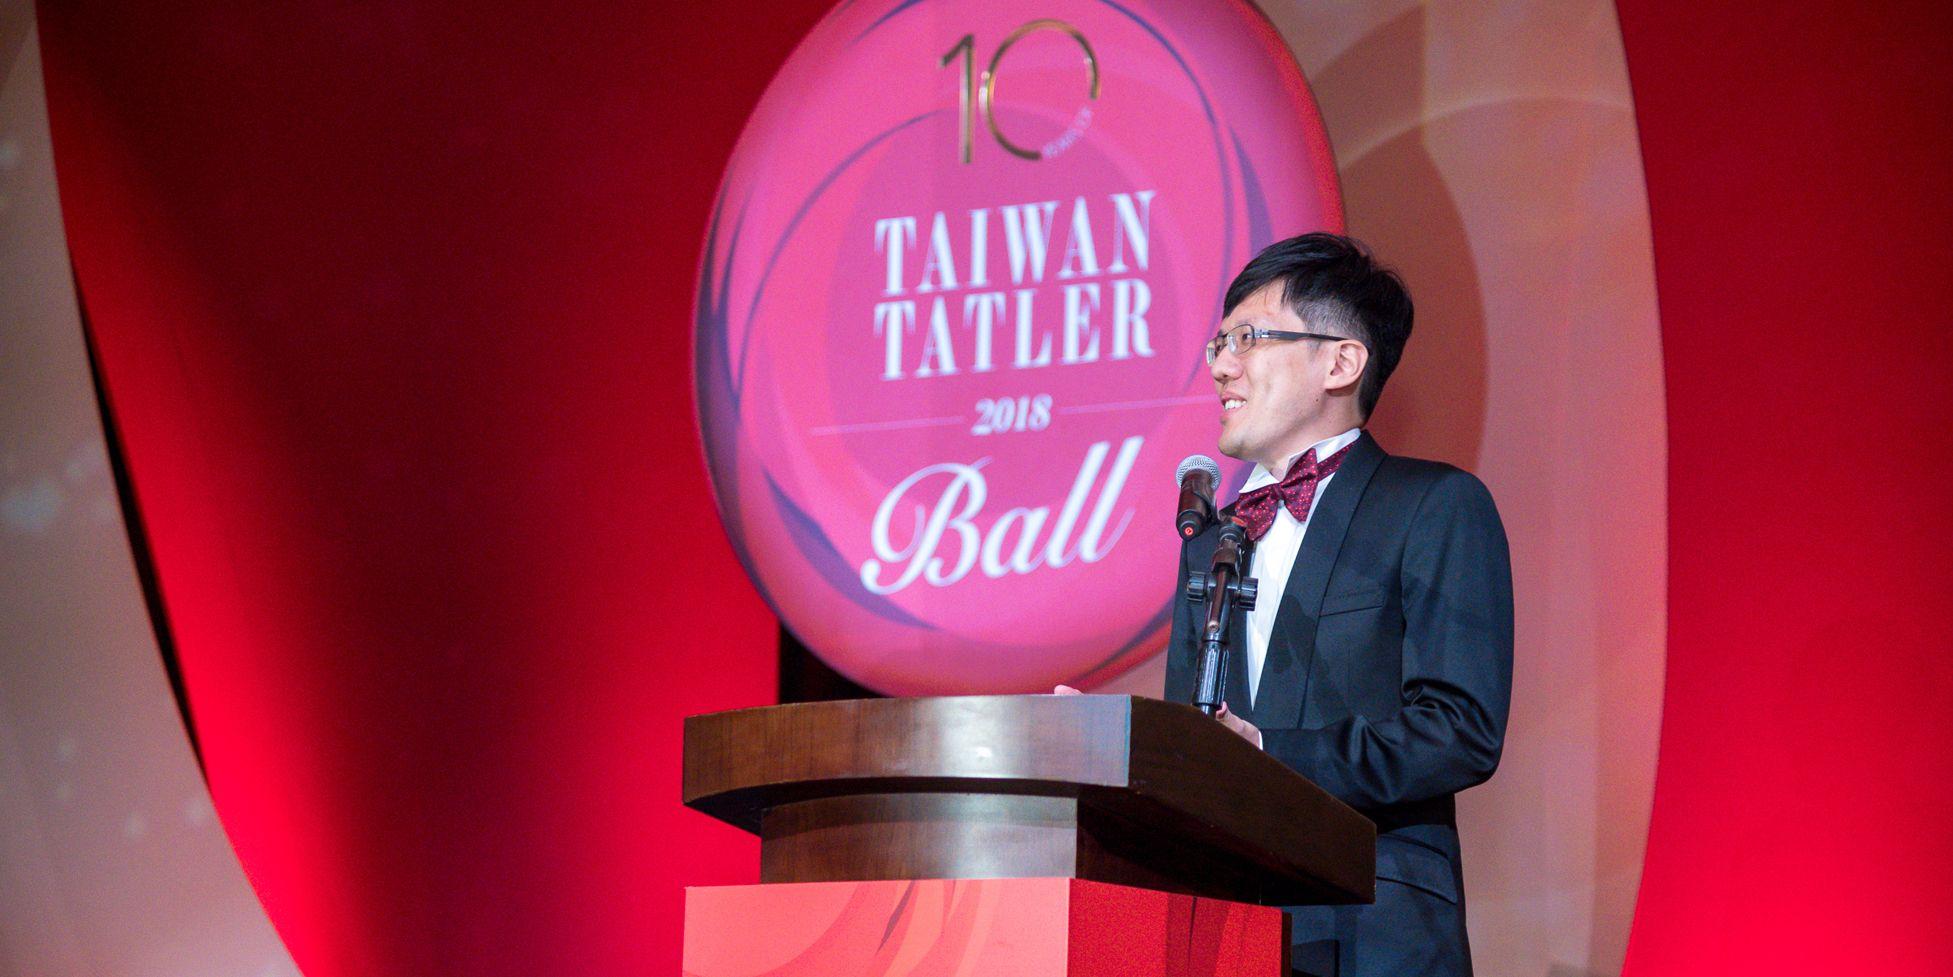 Taiwan Tatler Award 2018明日領袖得主——勤美璞真文化藝術基金會執行長何承育,看見在地藝術能量